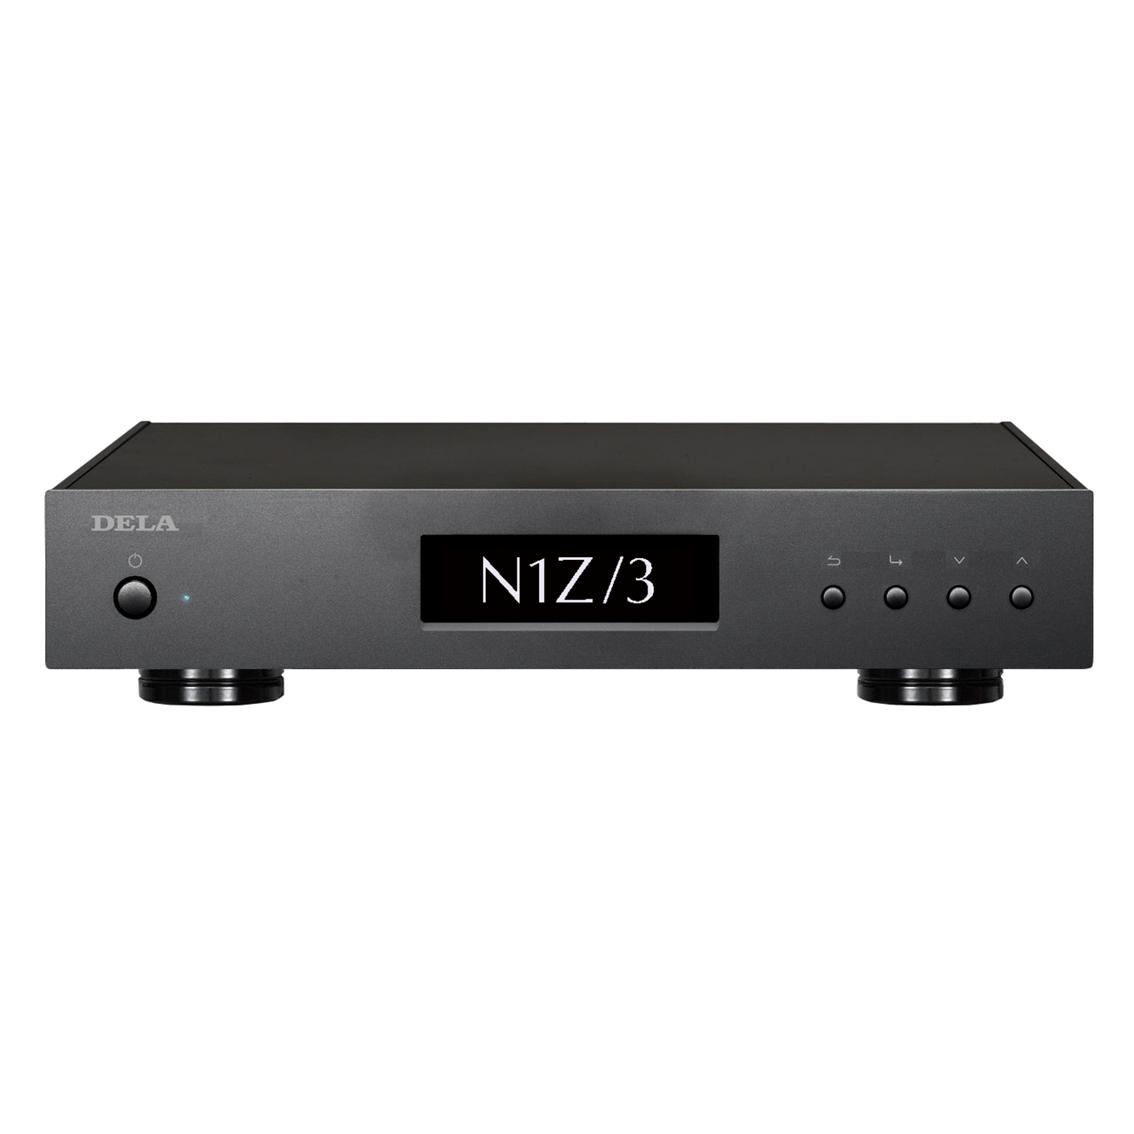 DELA N1Z/3-S40B ブラック デラ ミュージックライブラリー